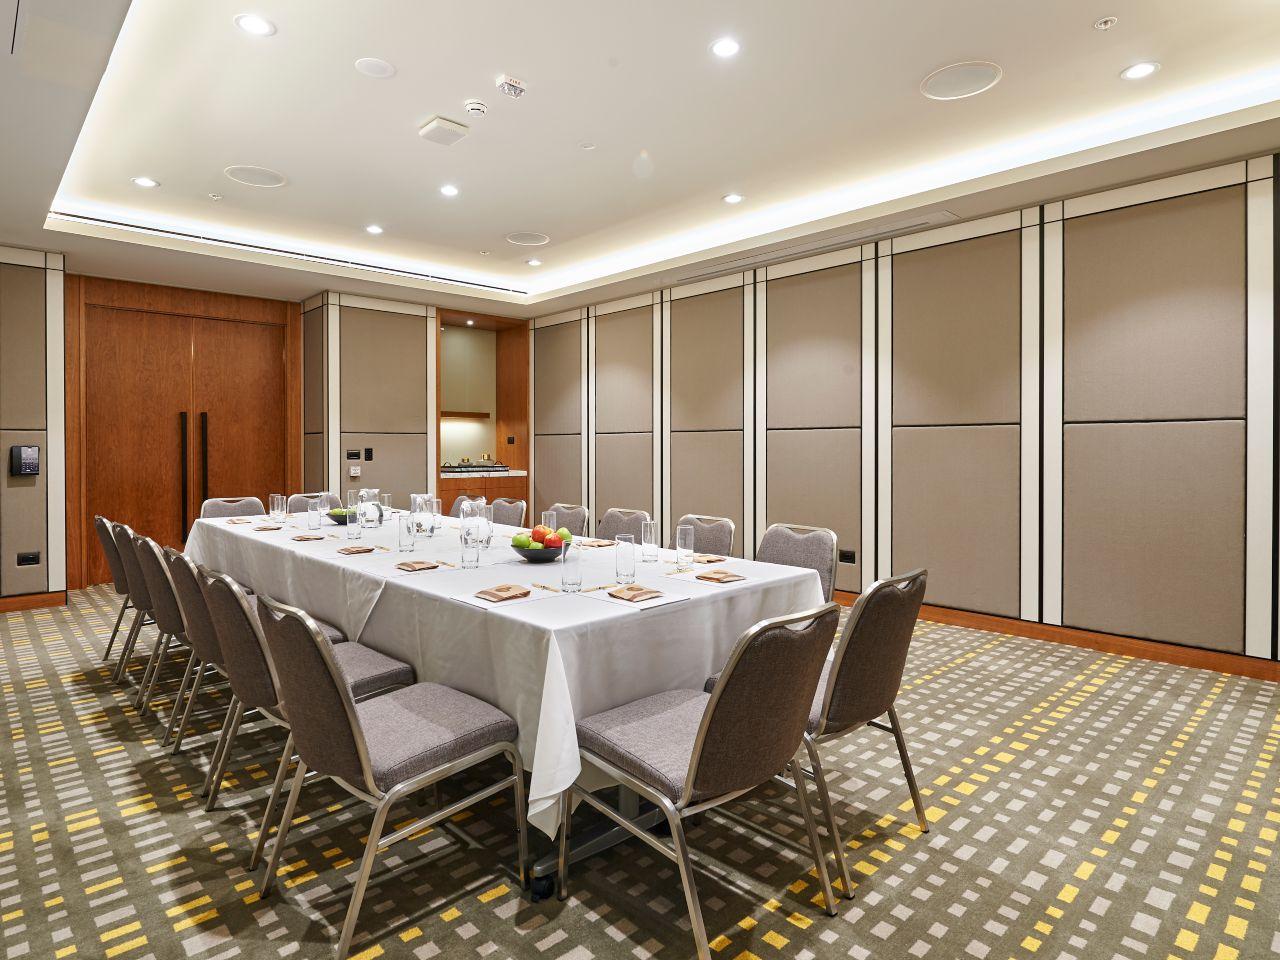 Small conference venue